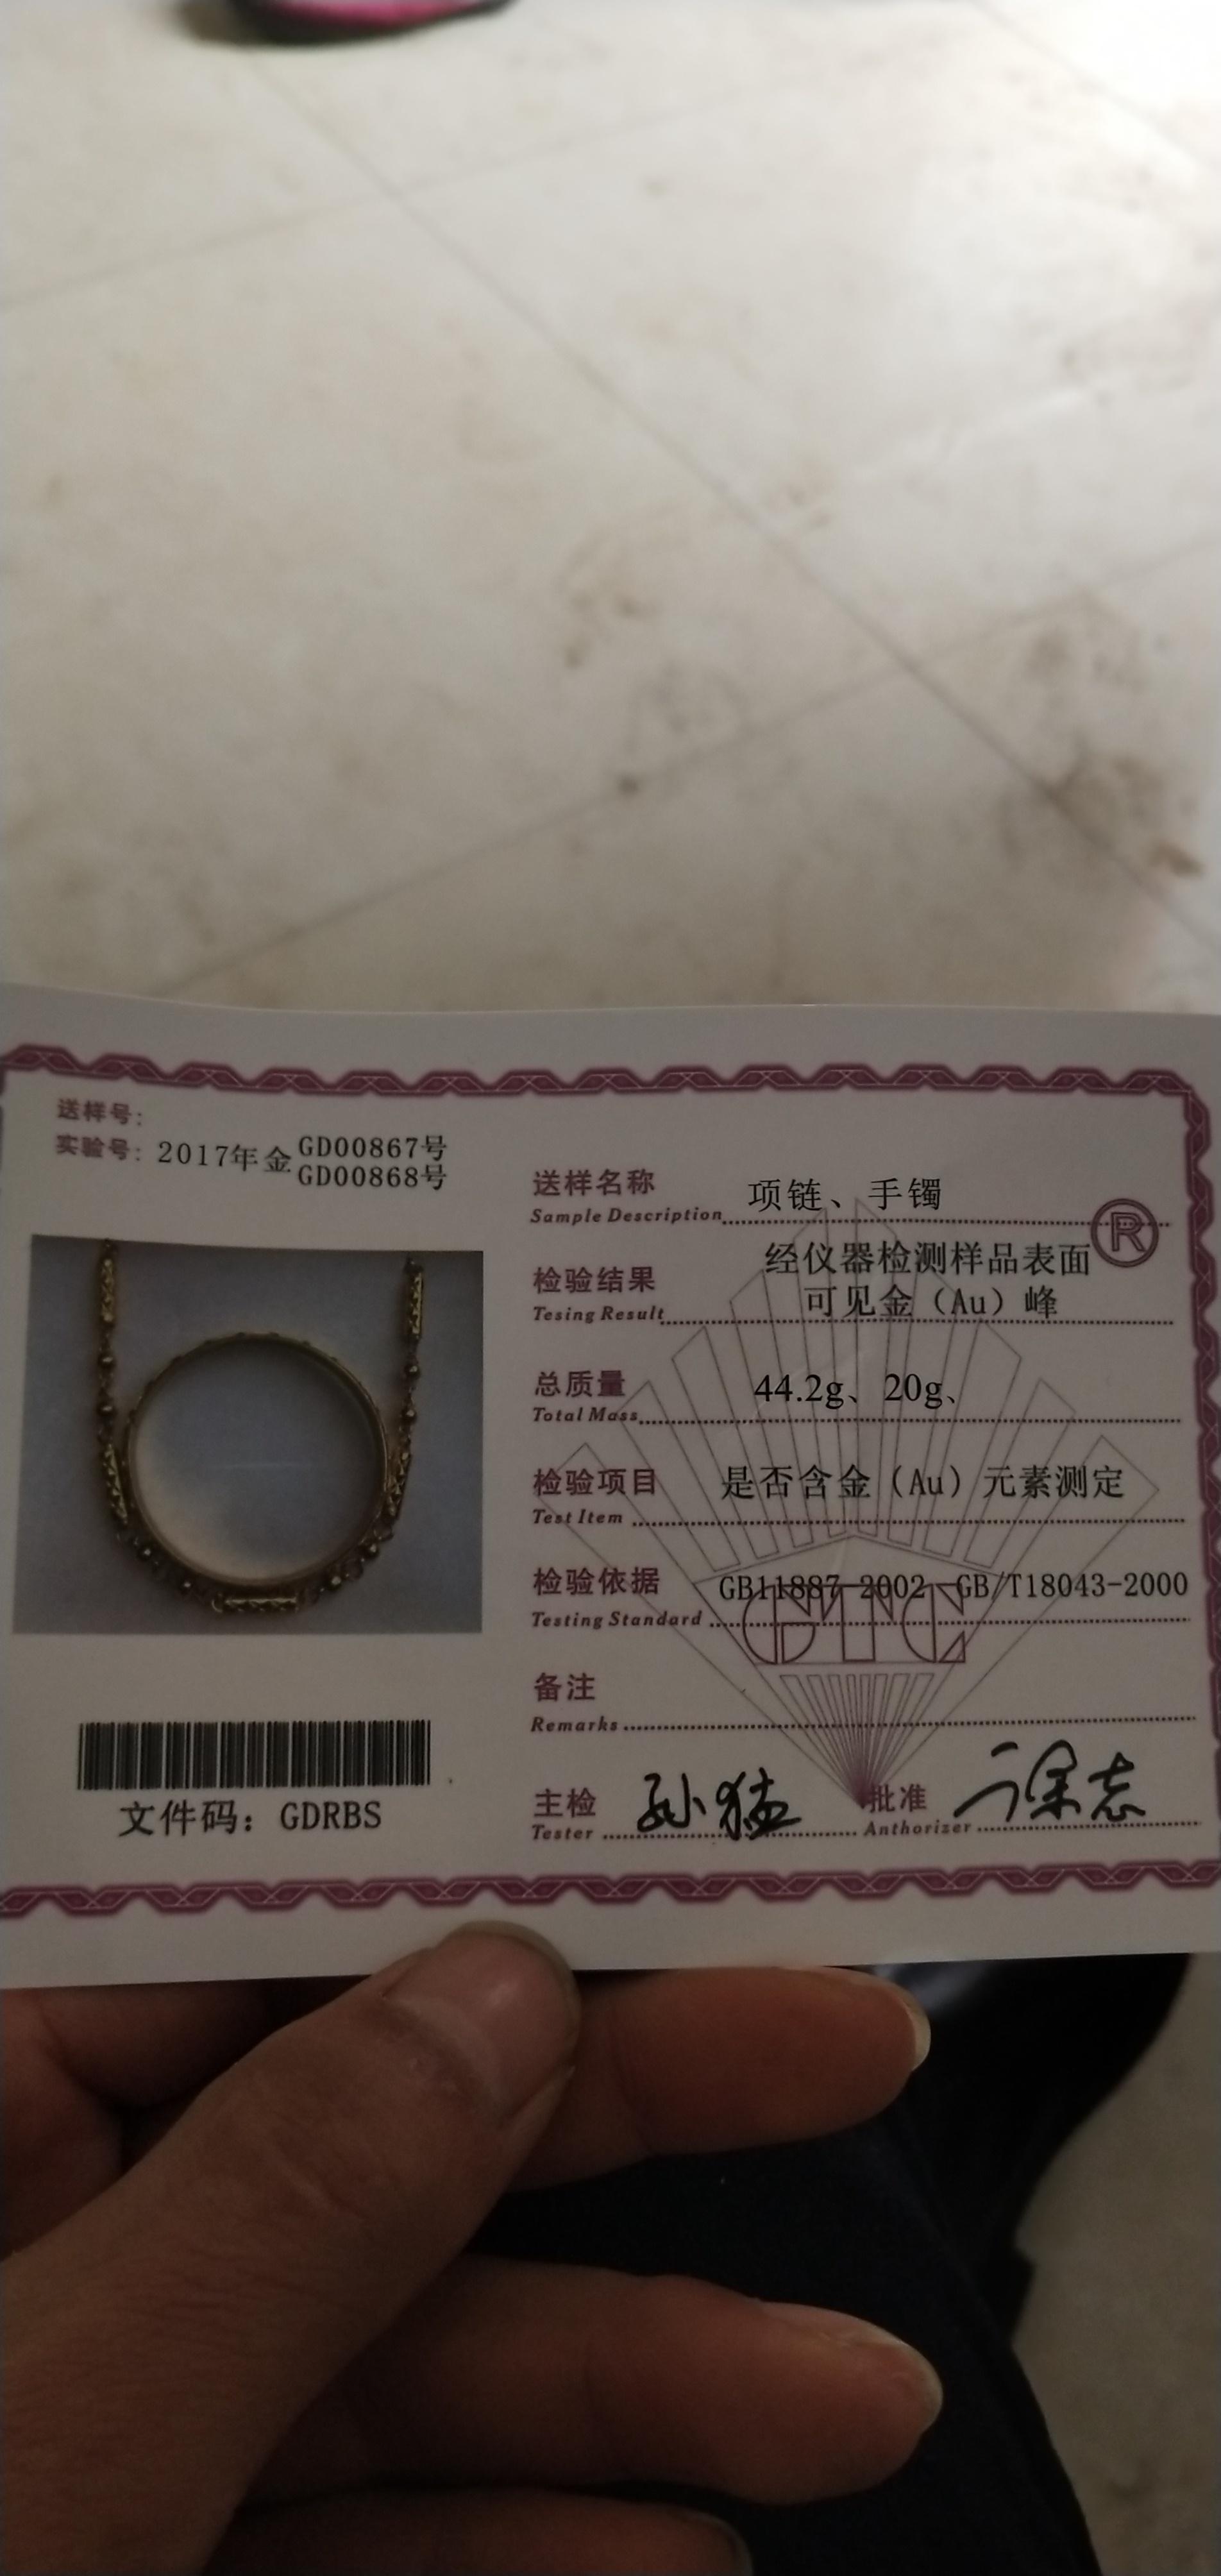 我刚刚买了一条黄金项链和手镯不知道是不是真货